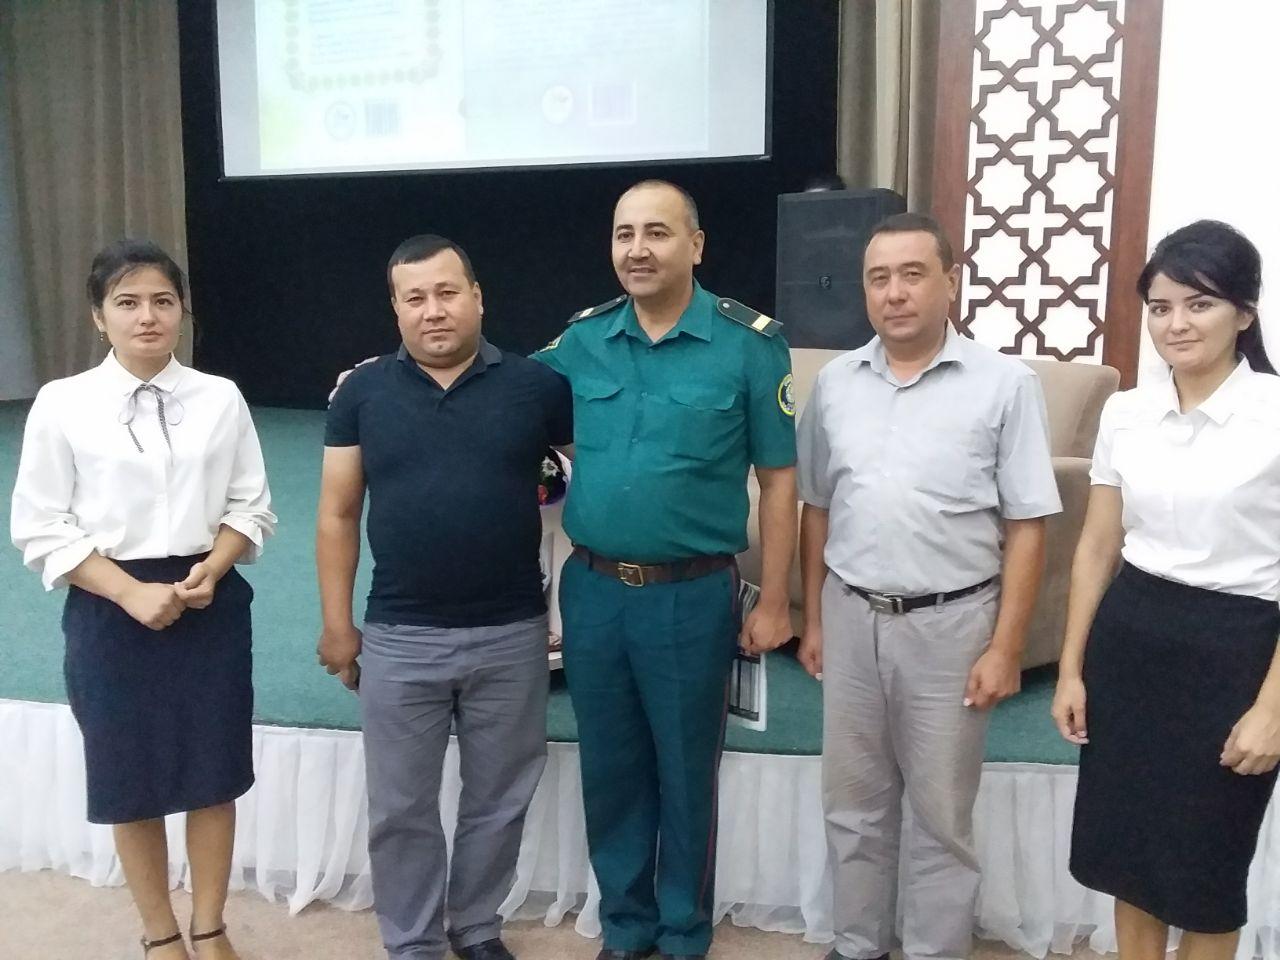 In 2019 year 2 July, book presentation of Usmonov Bekmurod had been in